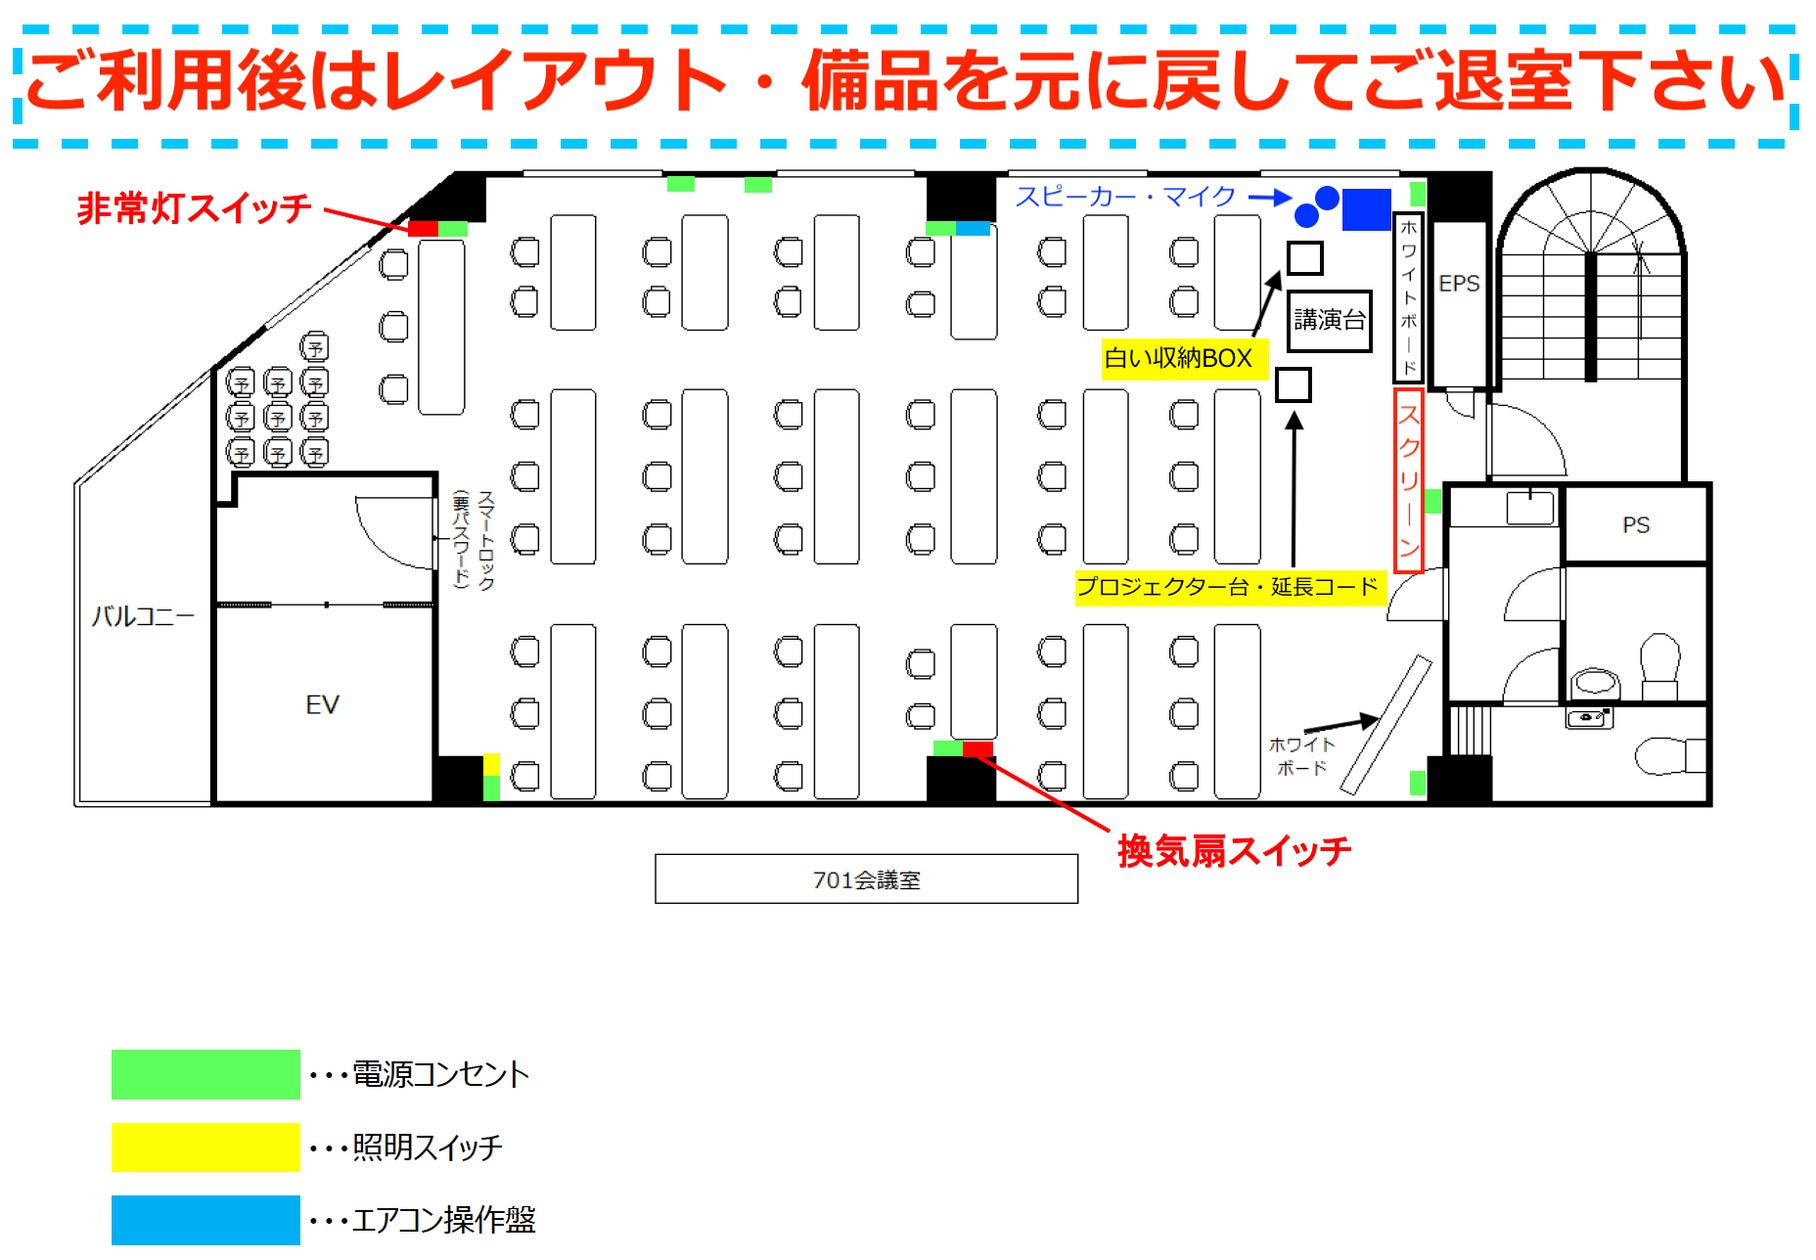 【天神駅徒歩2分】最大60名収容可 全ての備品・Wi-Fiが無料!701会議室 の写真